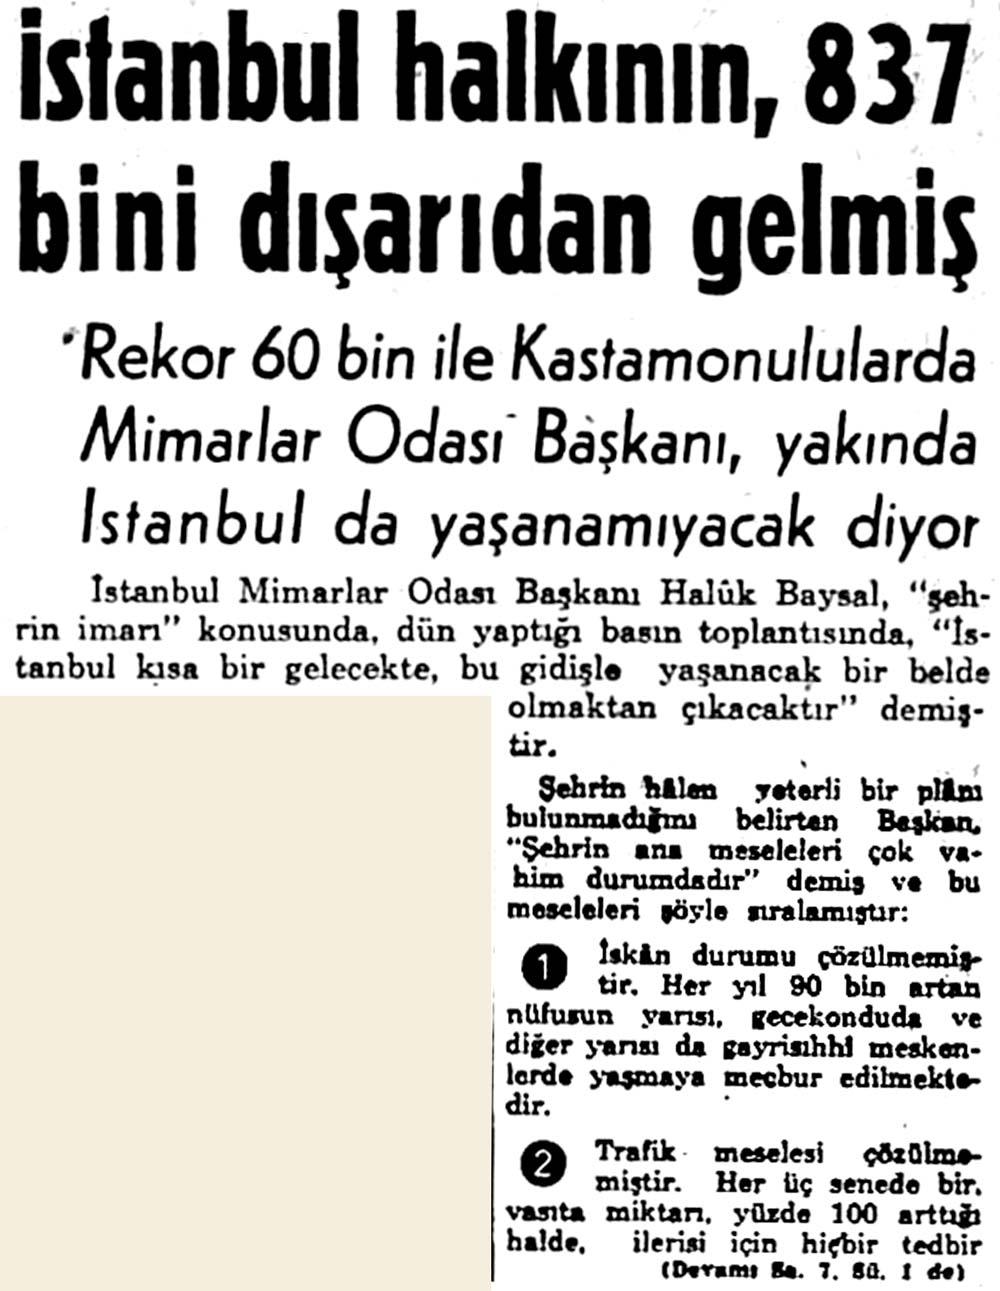 İstanbul halkının, 837 bini dışarıdan gelmiş